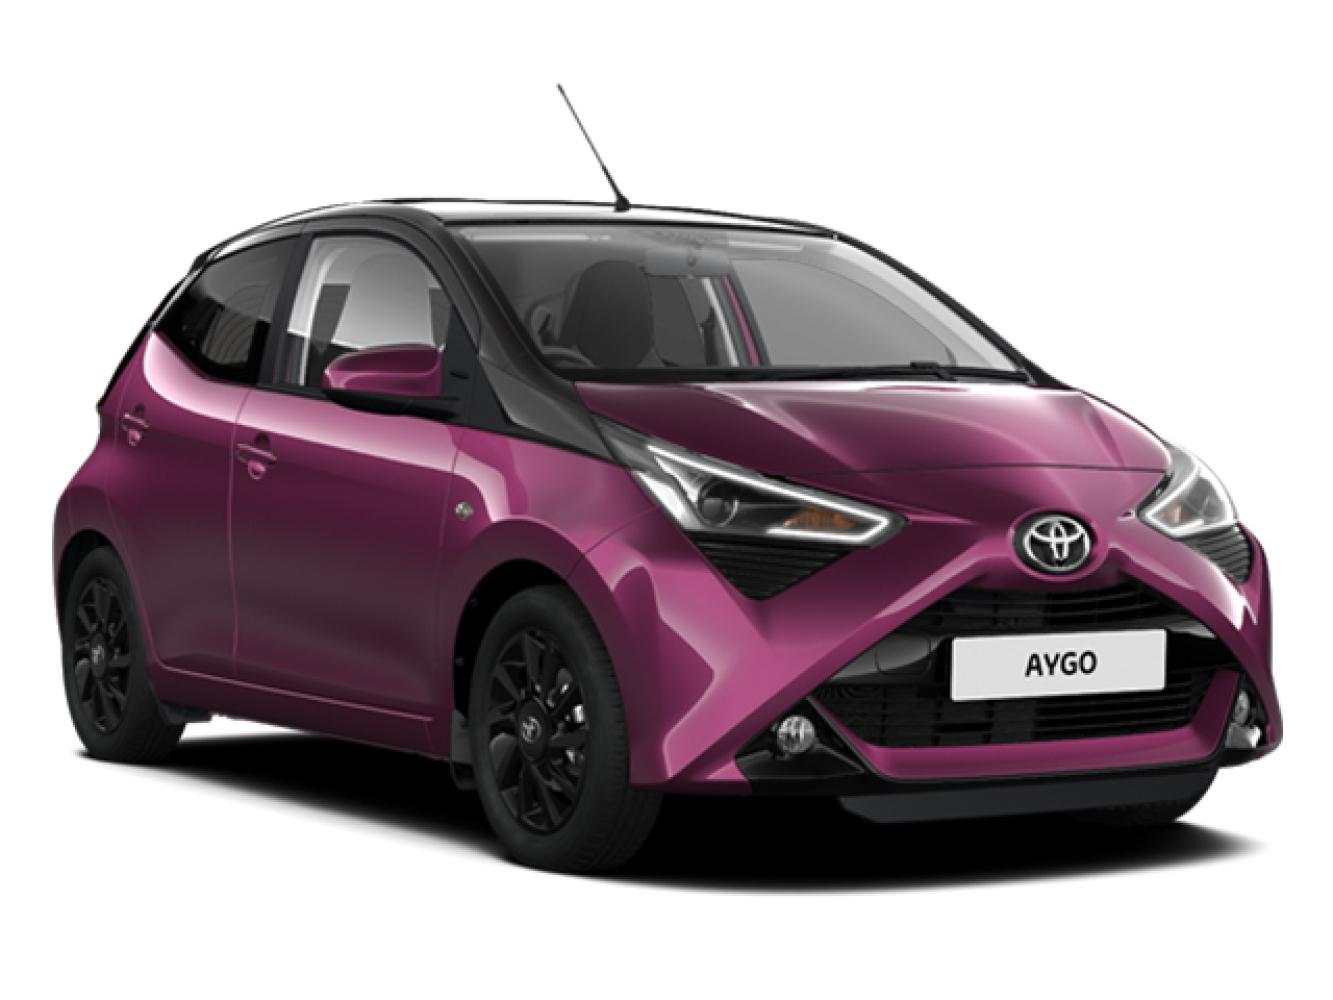 New Toyota AYGO 1.0 VVT-i X-Cite 5 5dr Petrol Hatchback